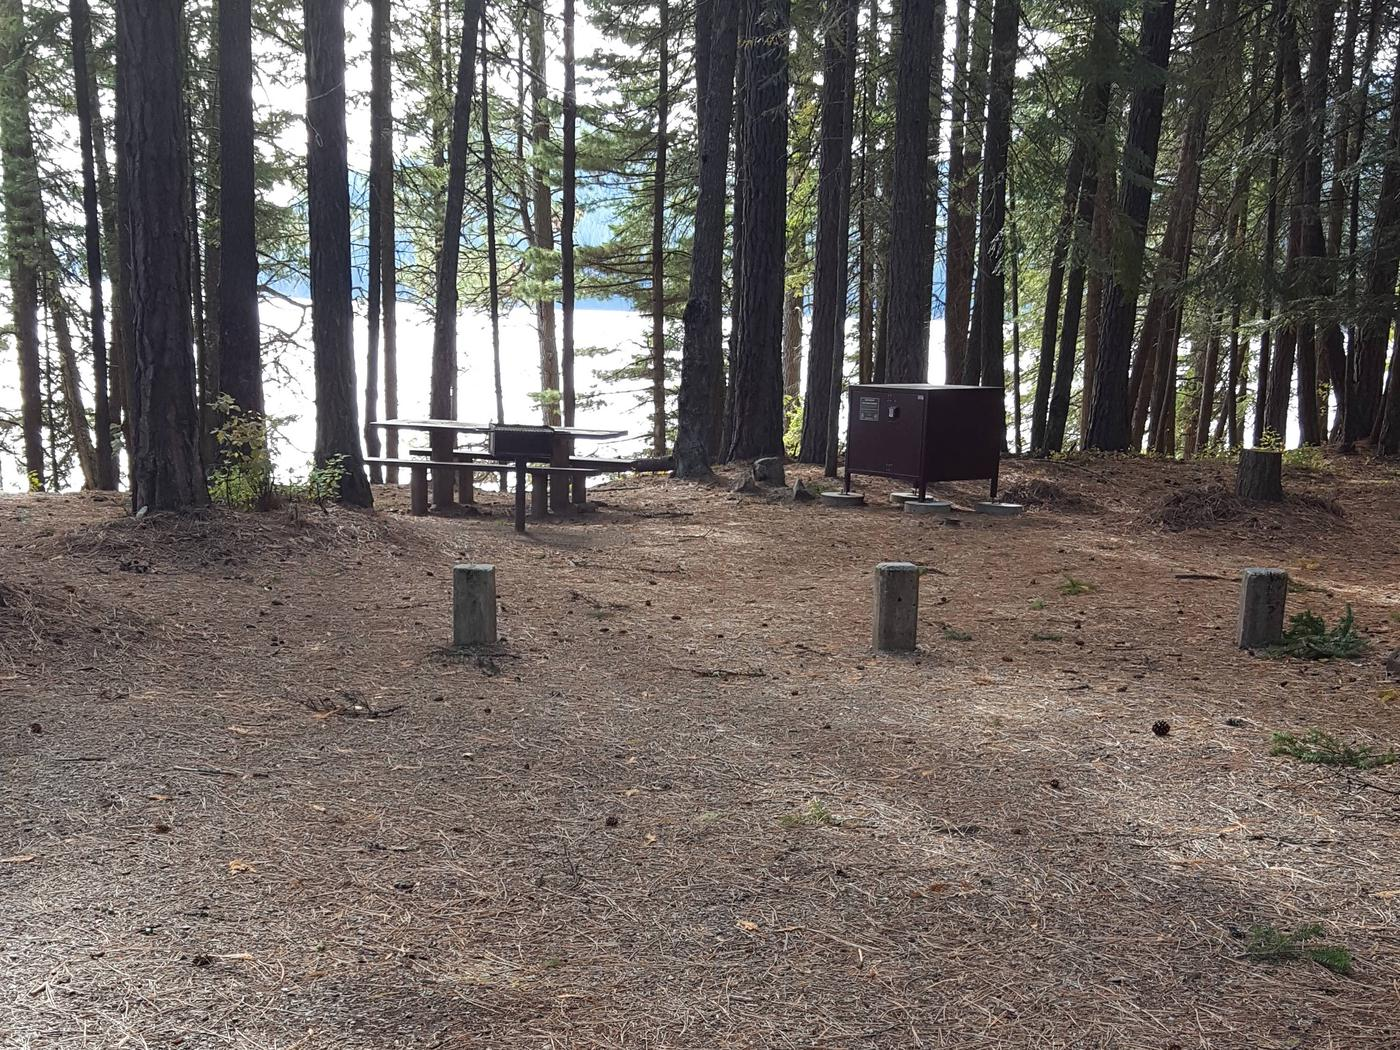 Reeder Bay Campground Site 23